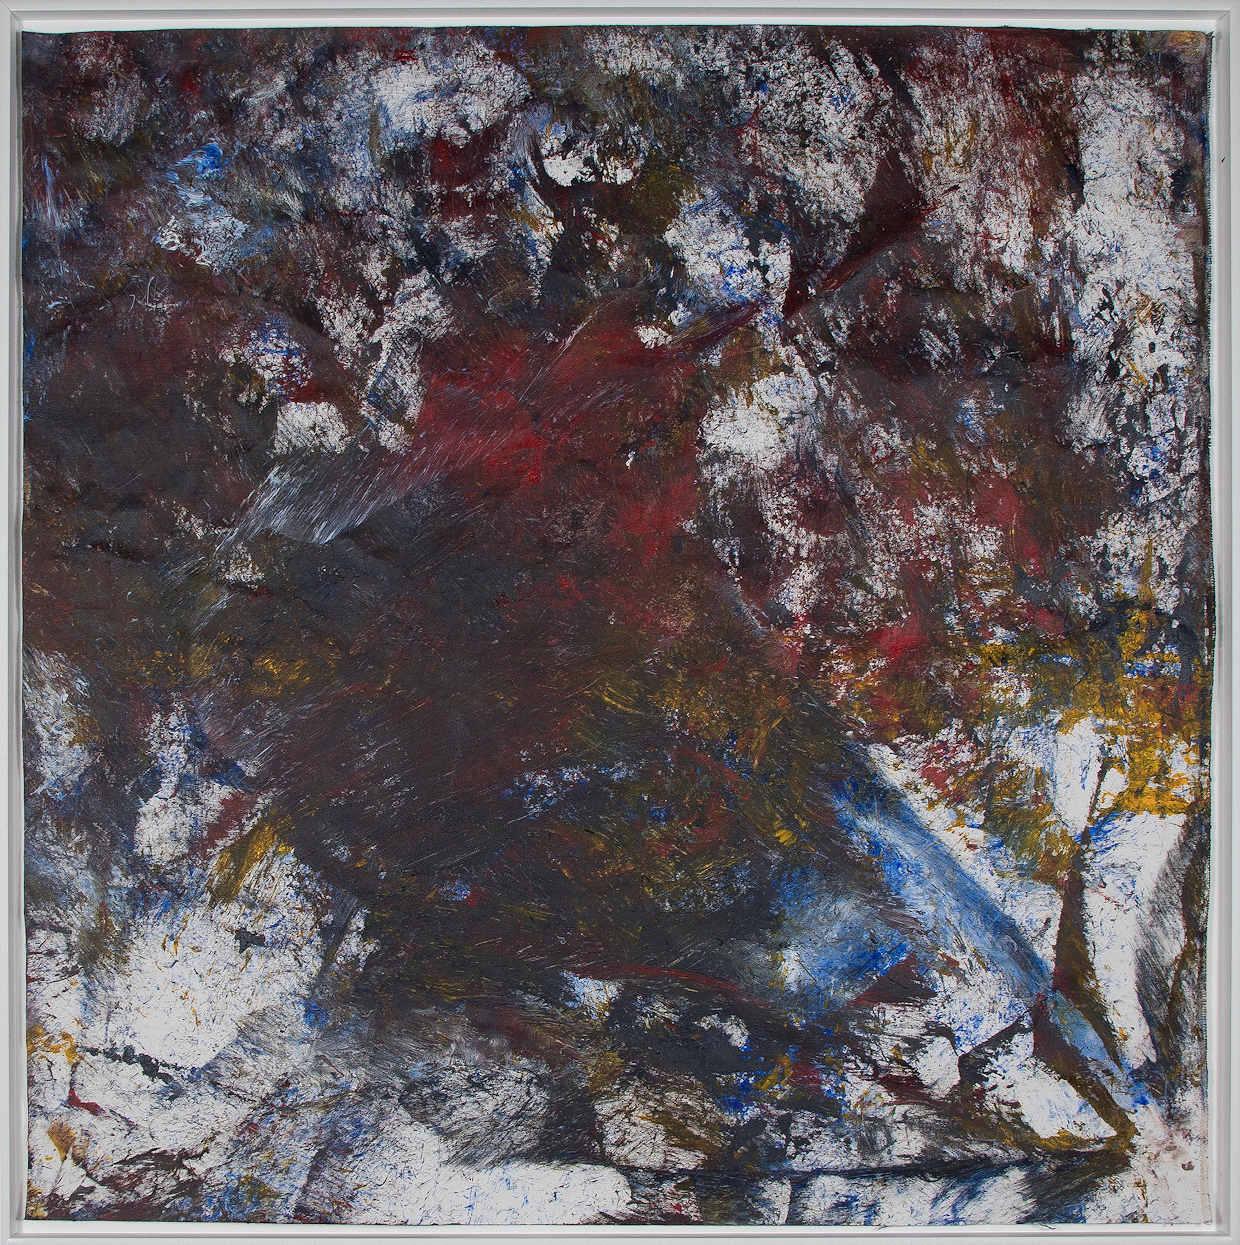 Wiese3 - Gemälde von Eva Doelker-Heim